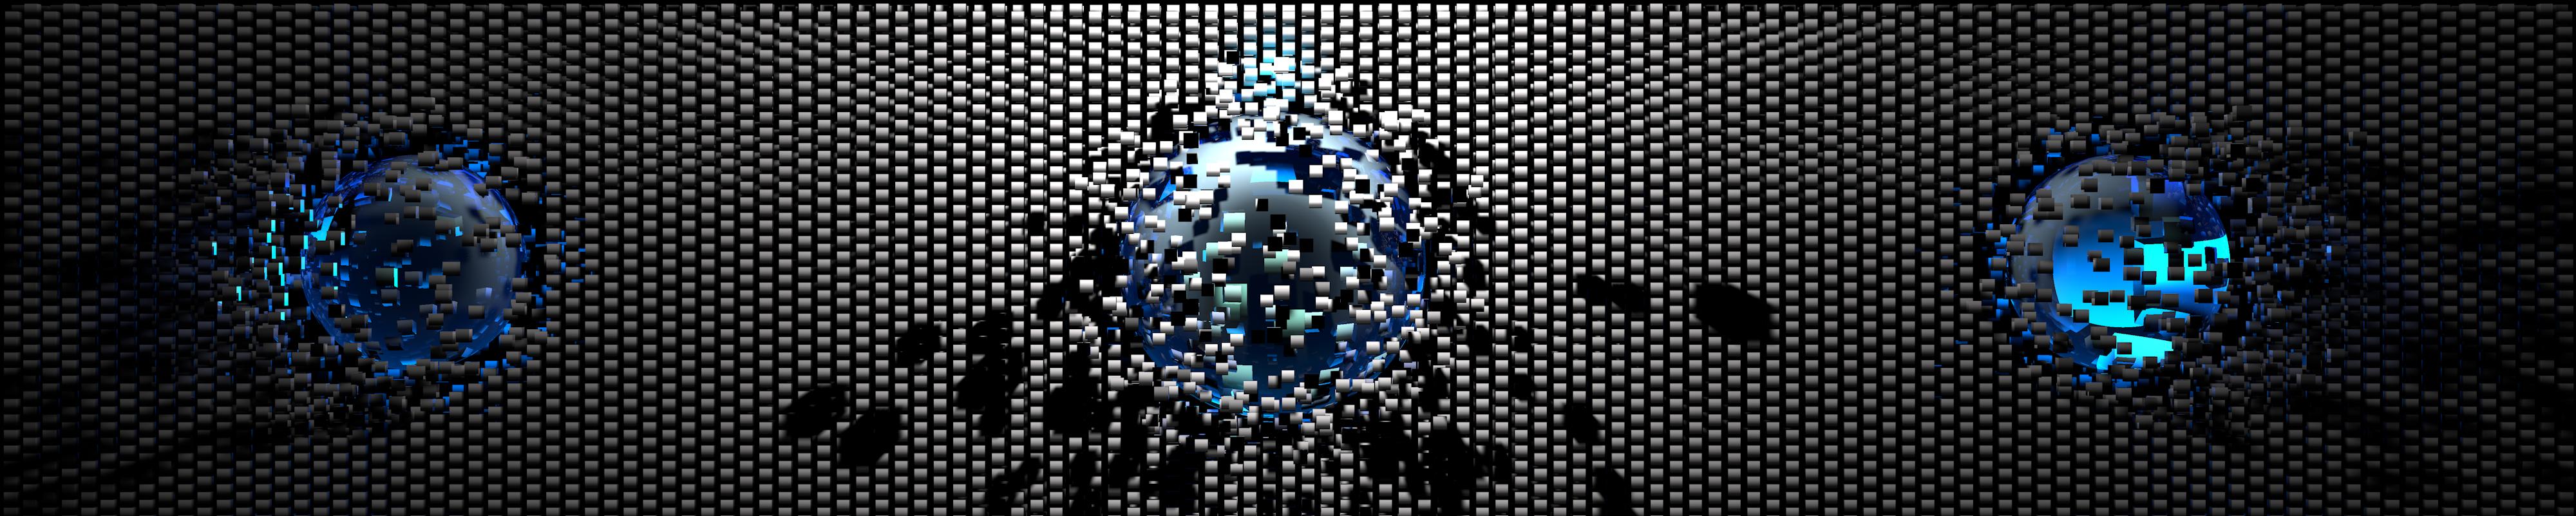 boxwall1_main0115.png